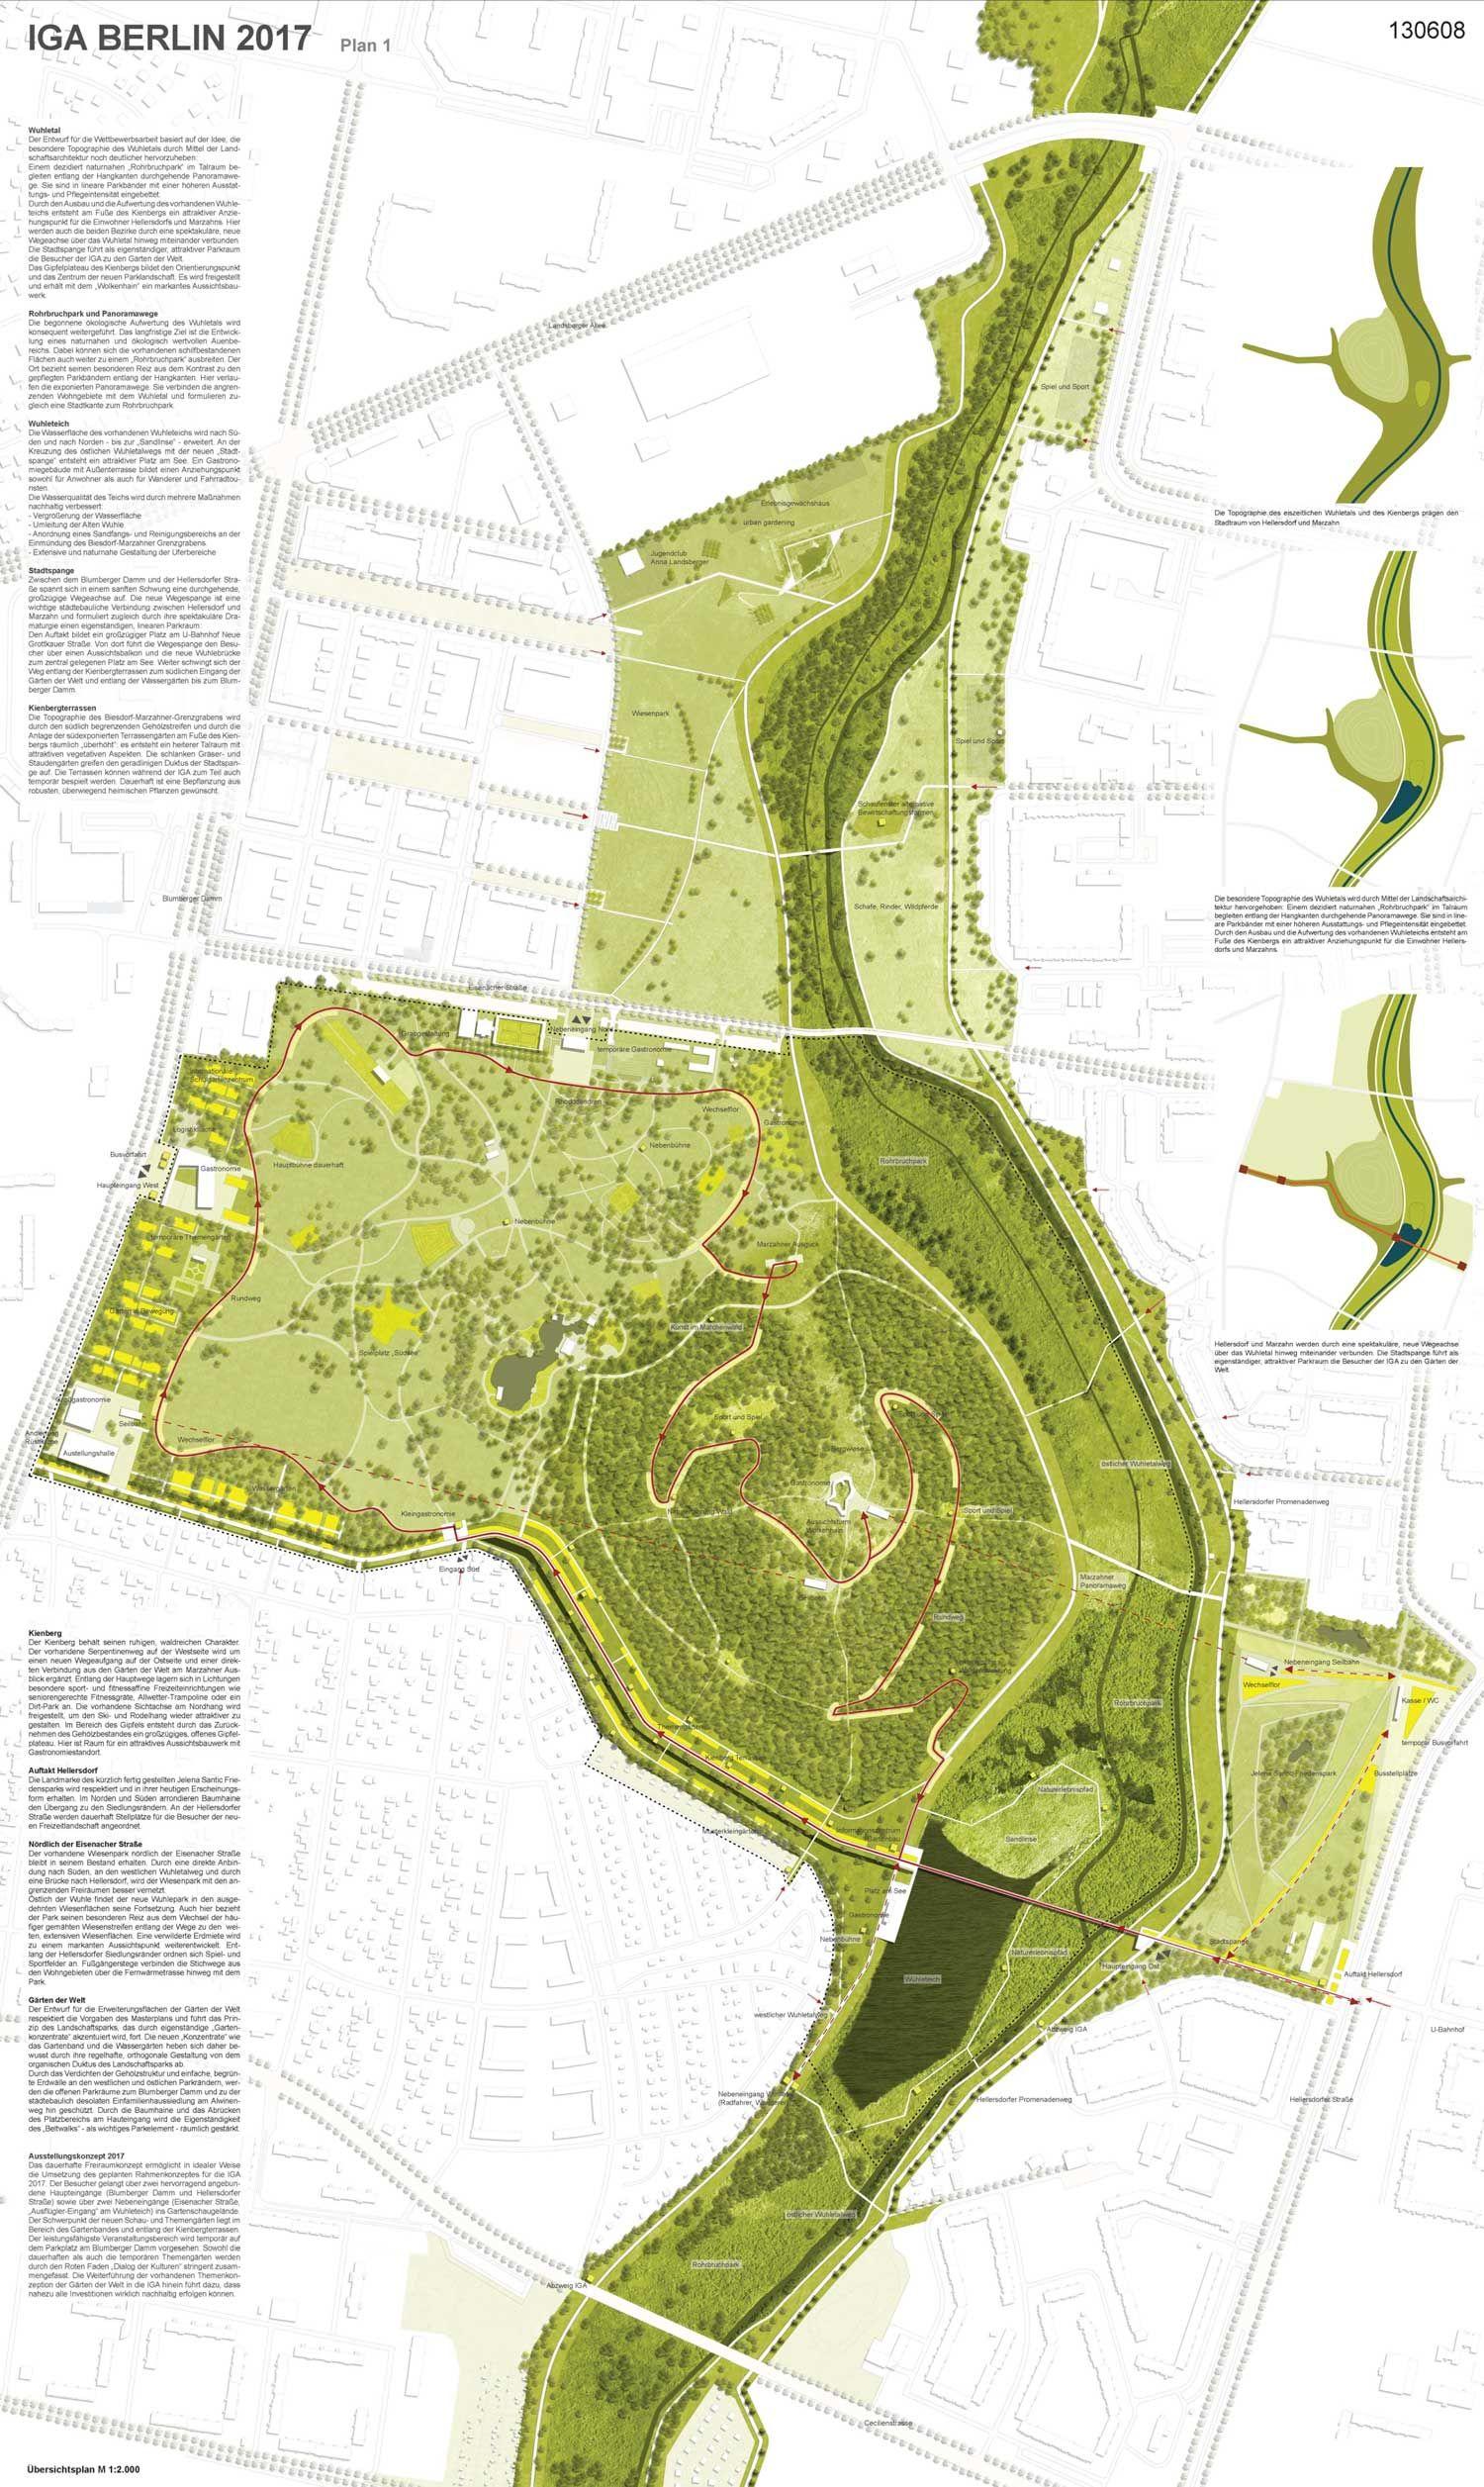 51afa2dd93425c6043a49bd66375dec4 1 Jpg 1500 2513 Urban Design Plan Landscape Plans Landscape Architecture Design